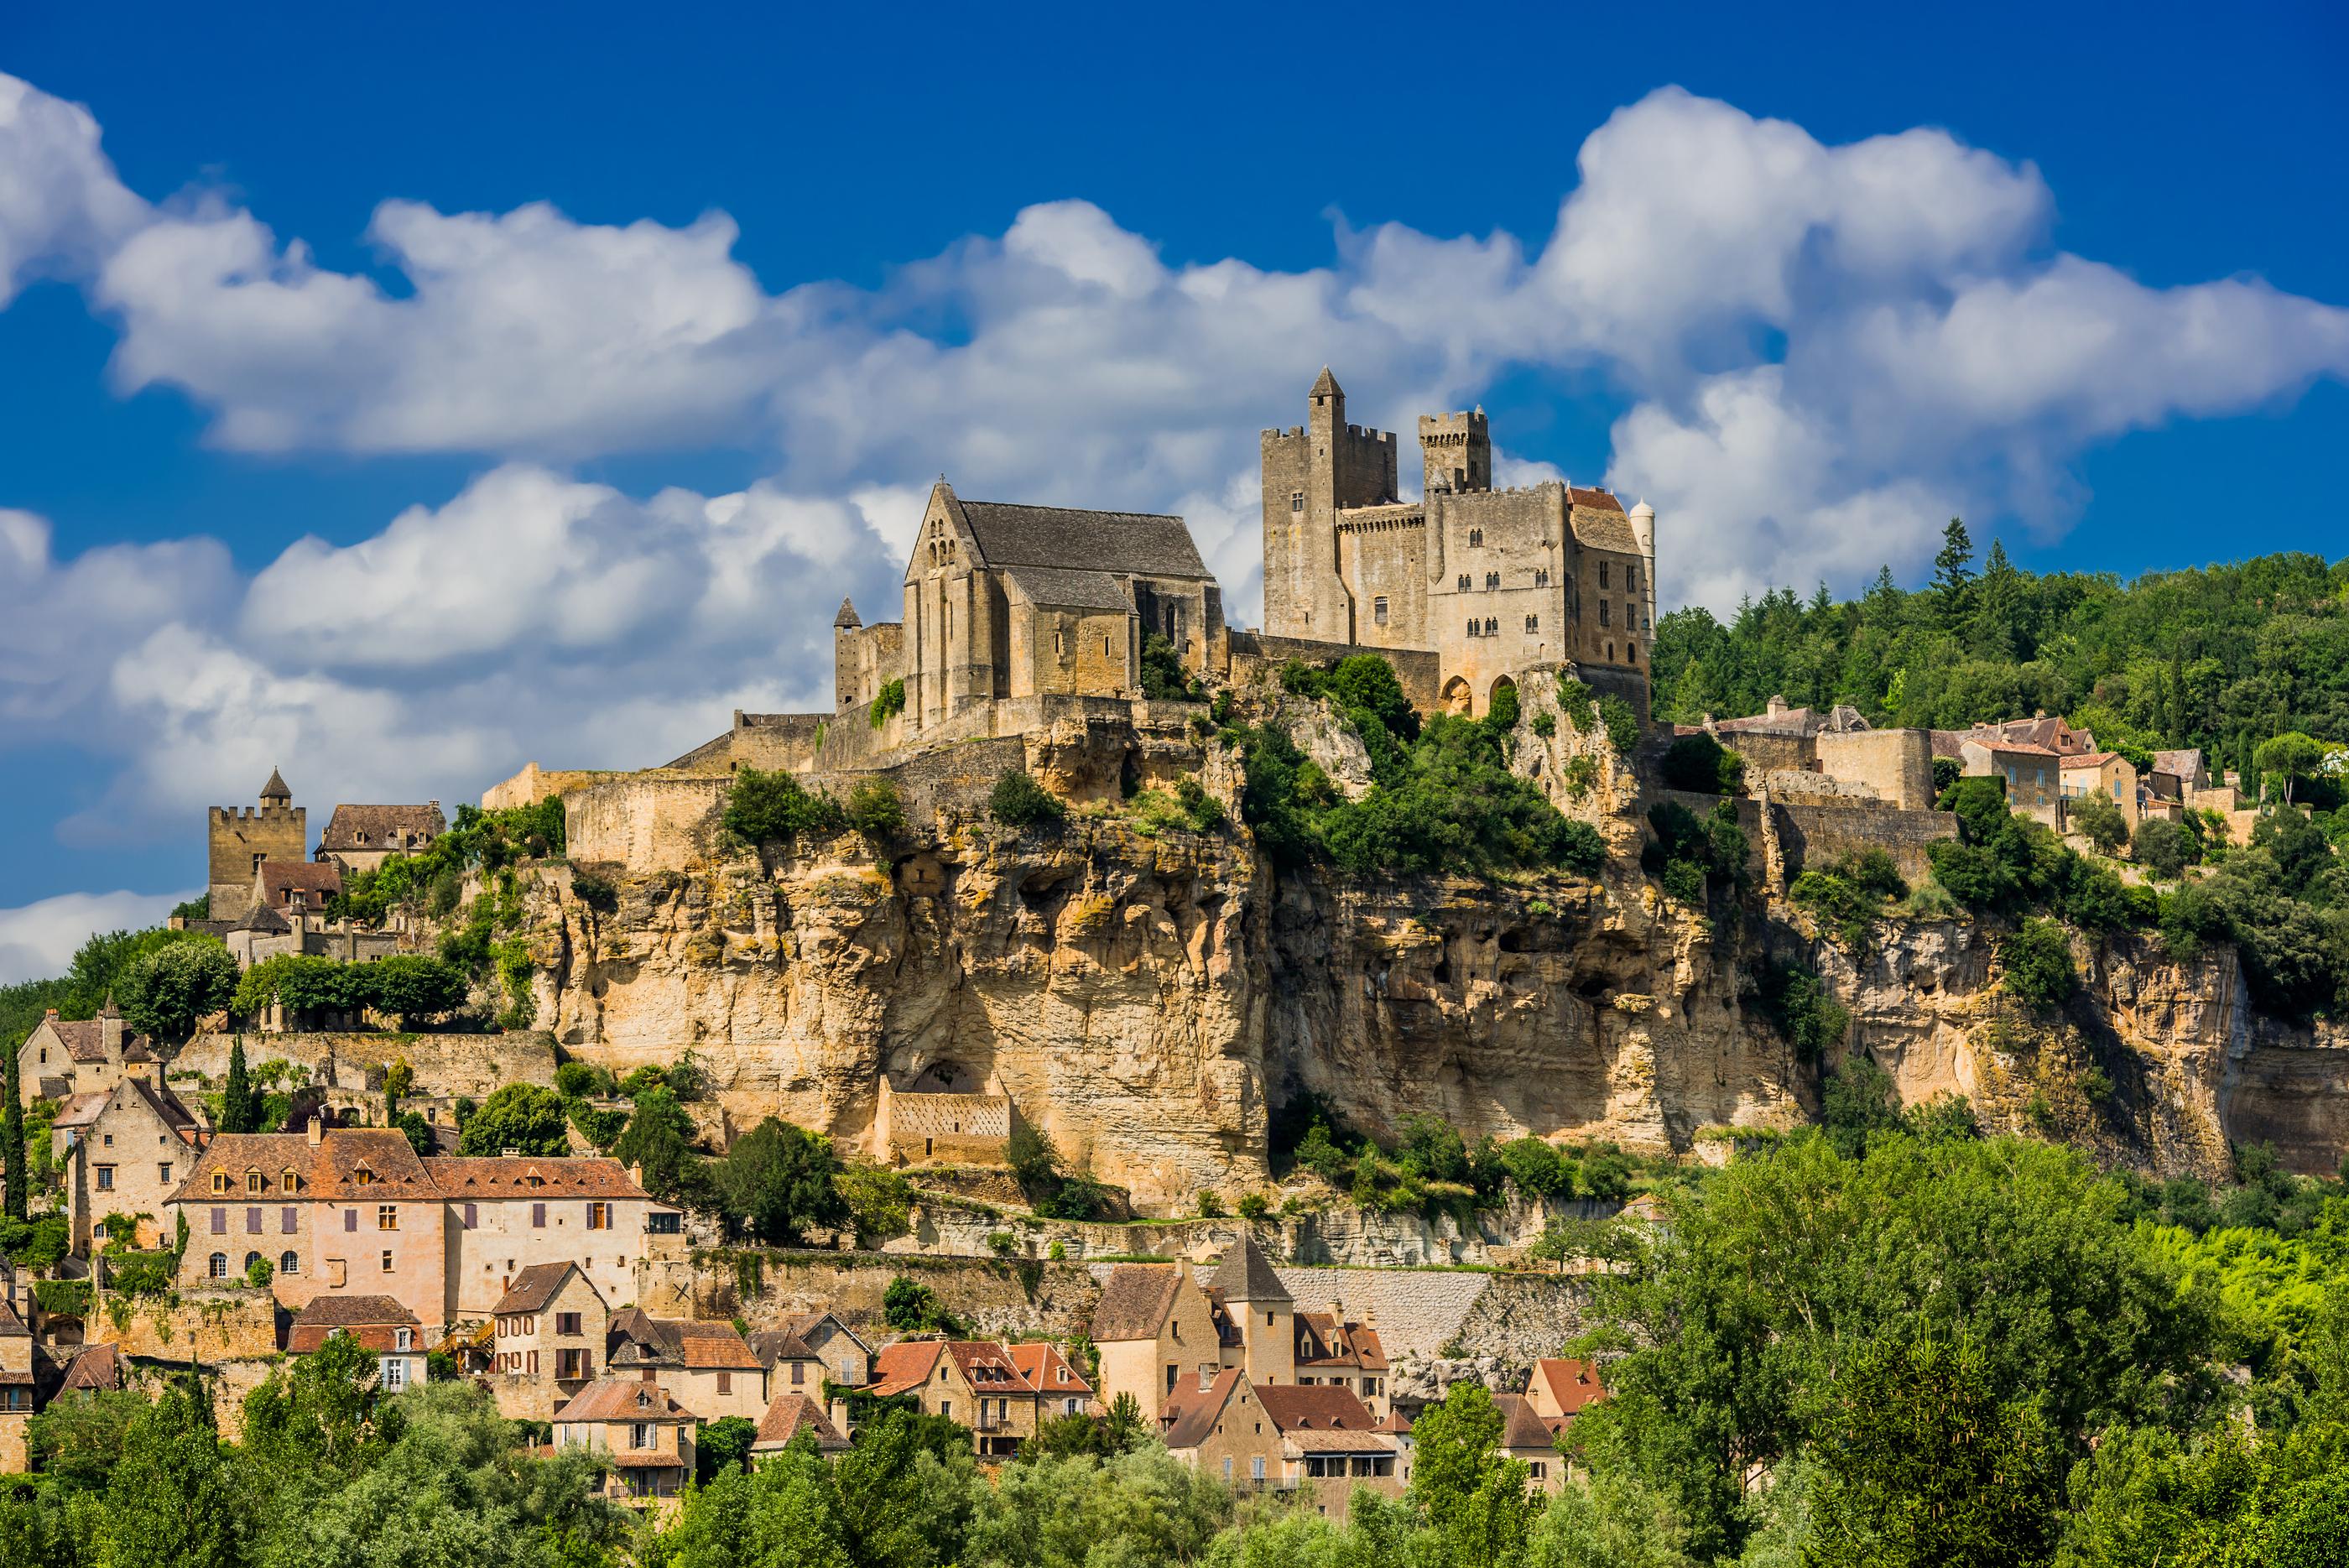 chateau de beynac castle dordogne perigord France